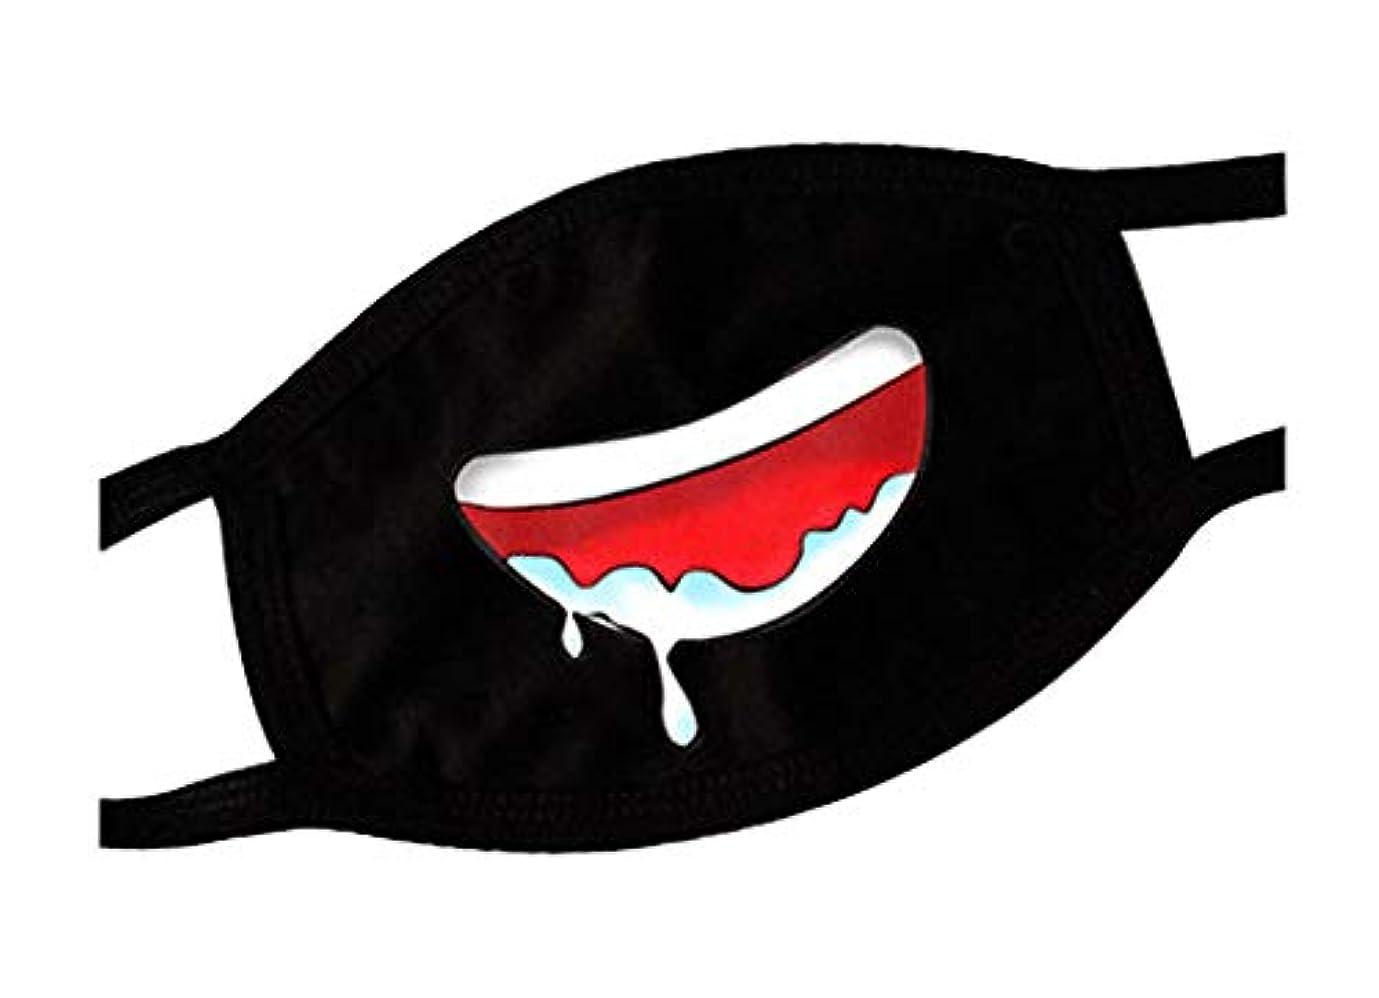 炎上権限締めるブラック面白い口のマスク、十代のかわいいユニセックスの顔の口のマスク、F2